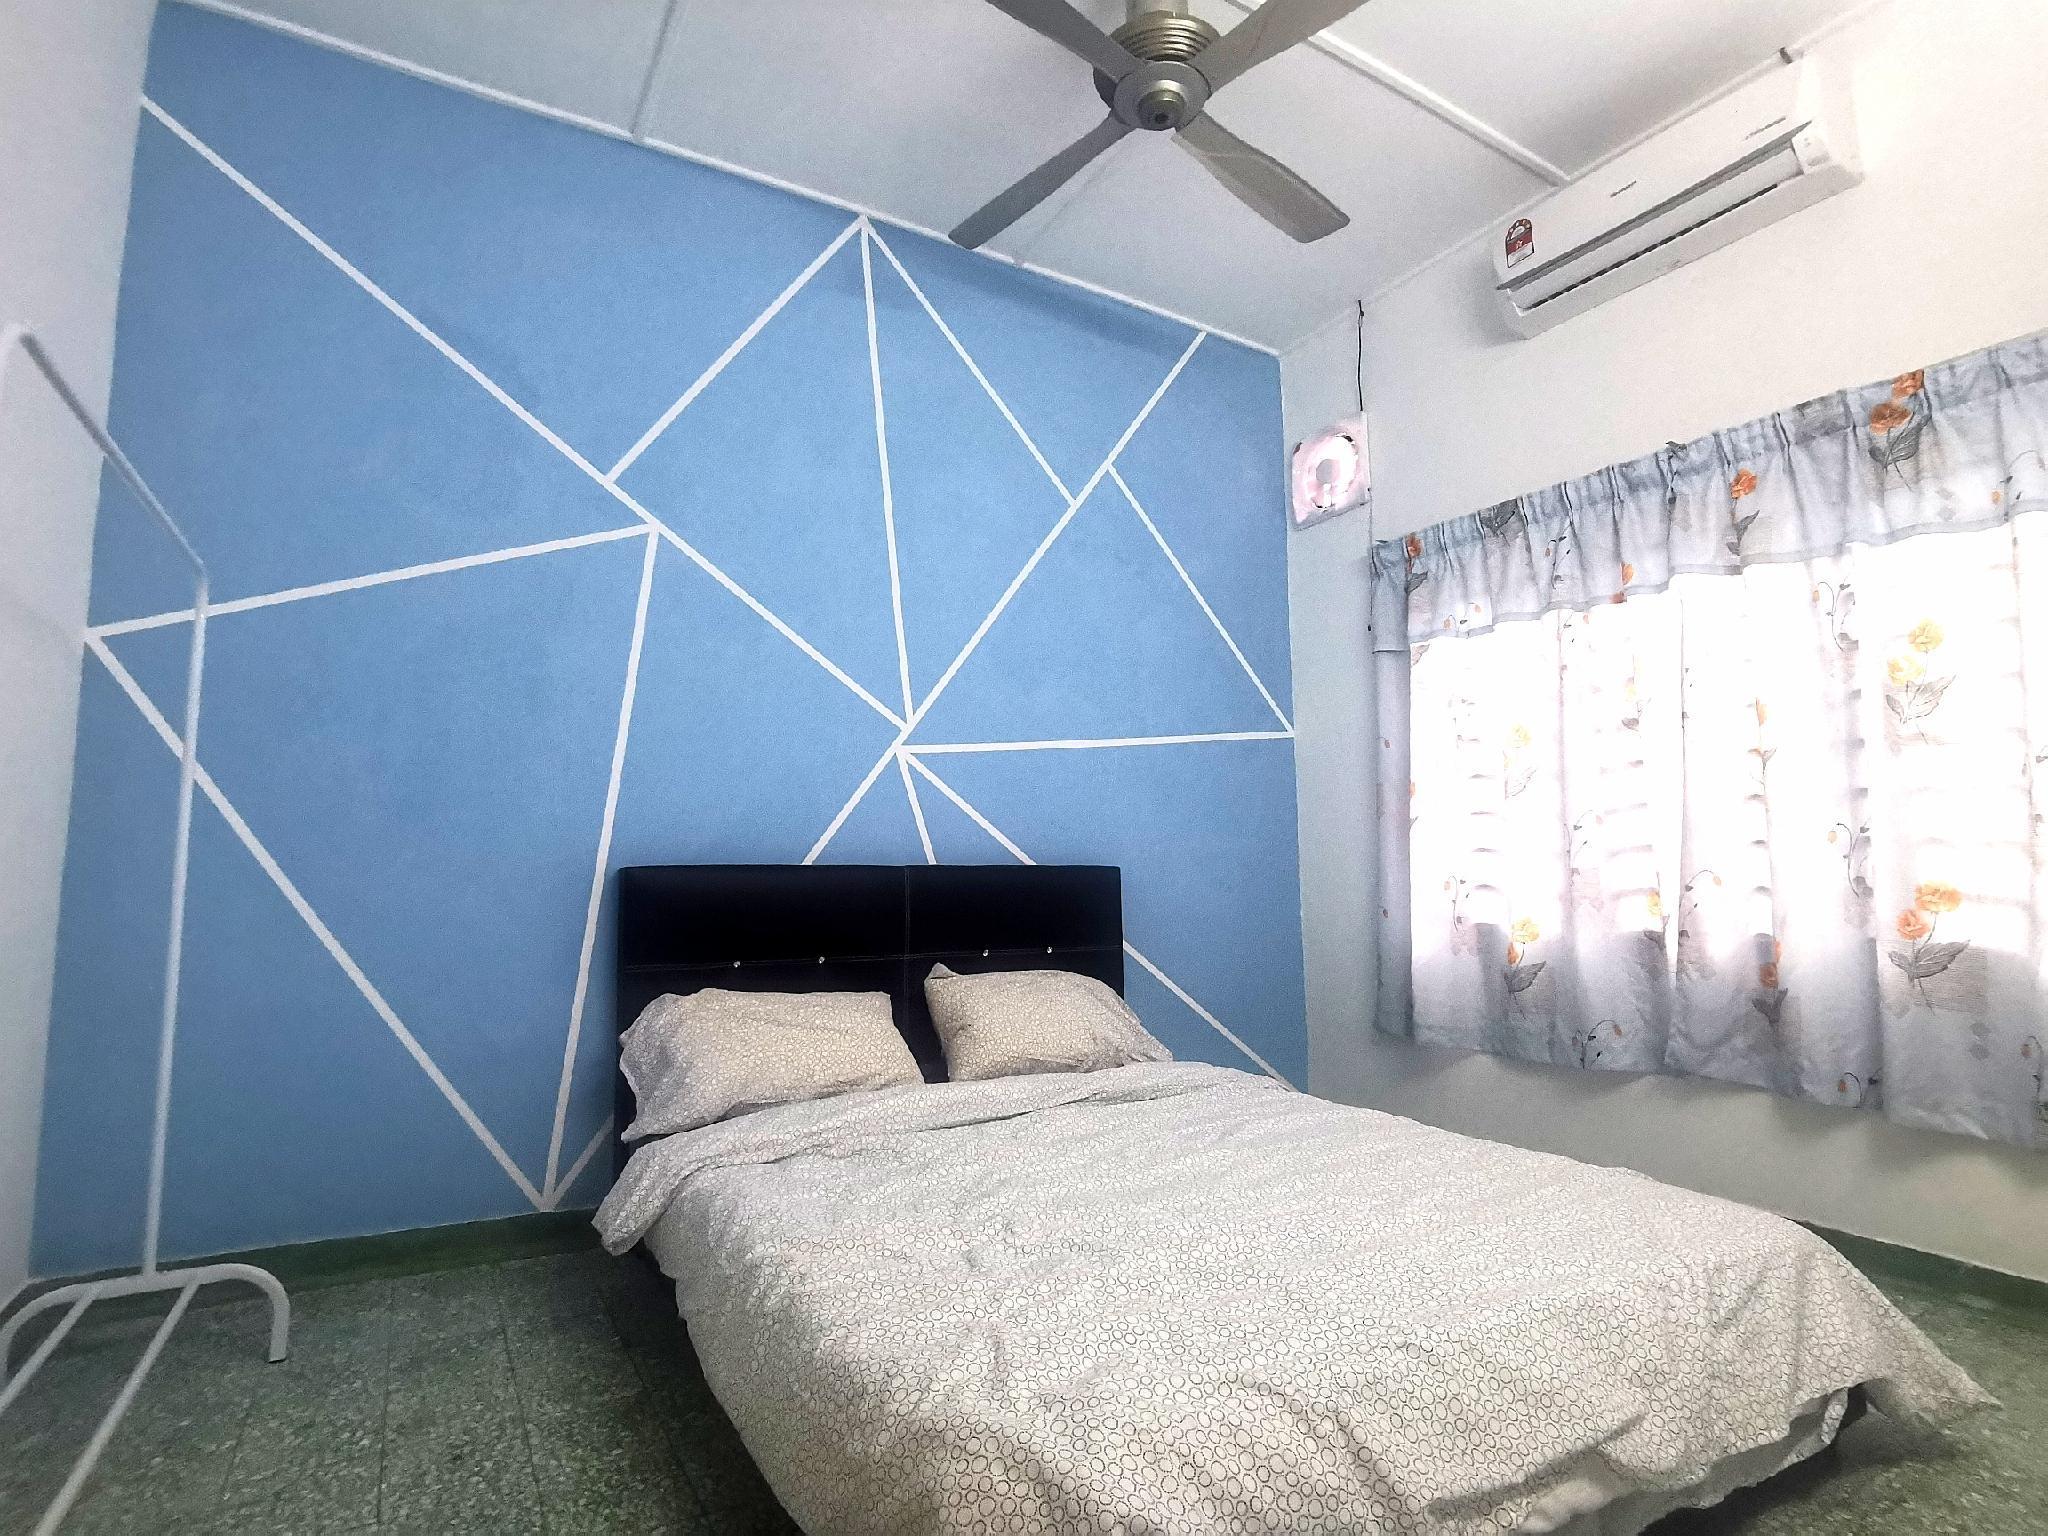 A's House Eng Ann Berkeley 10 14pax Homestay